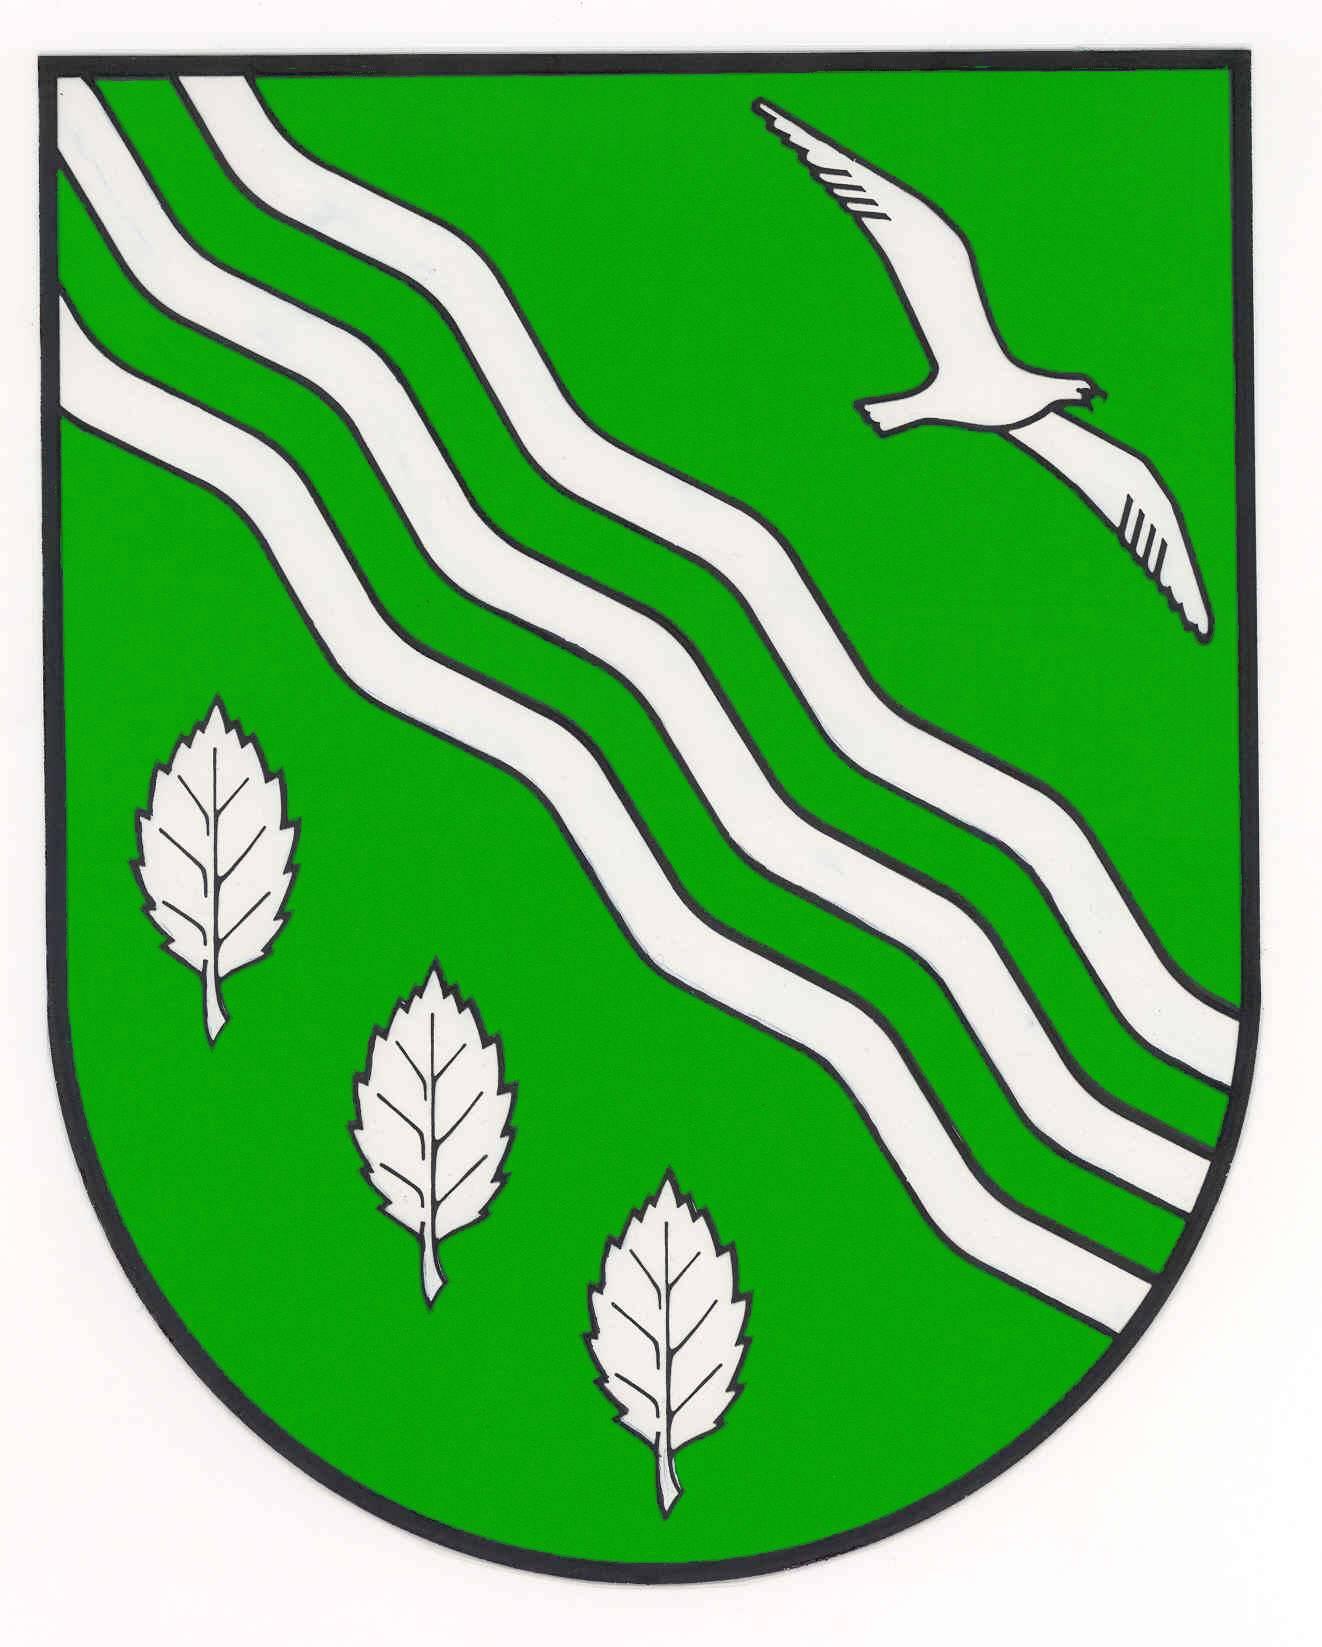 Wappen GemeindeMolfsee, Kreis Rendsburg-Eckernförde